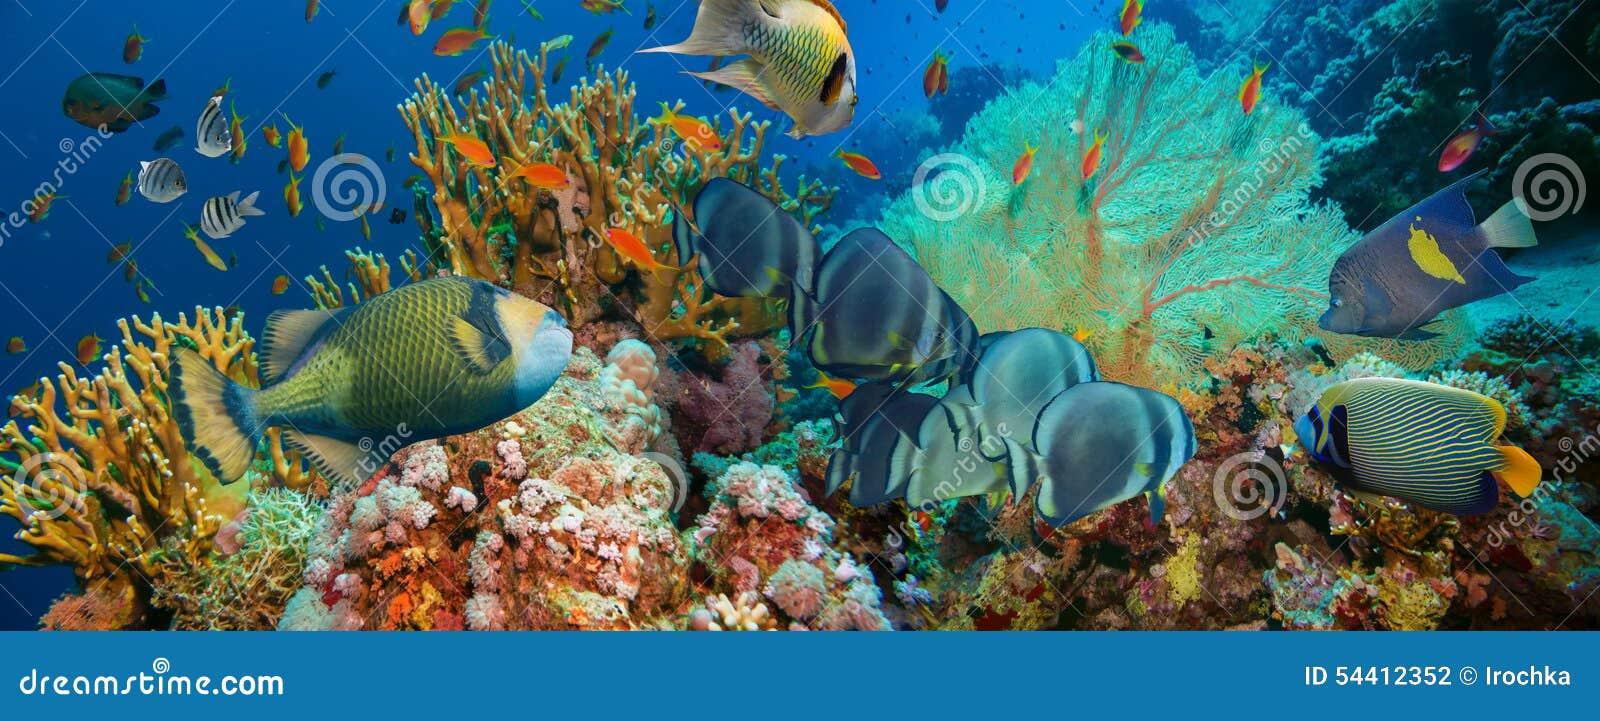 Tropische Anthias-Fische mit Nettofeuerkorallen